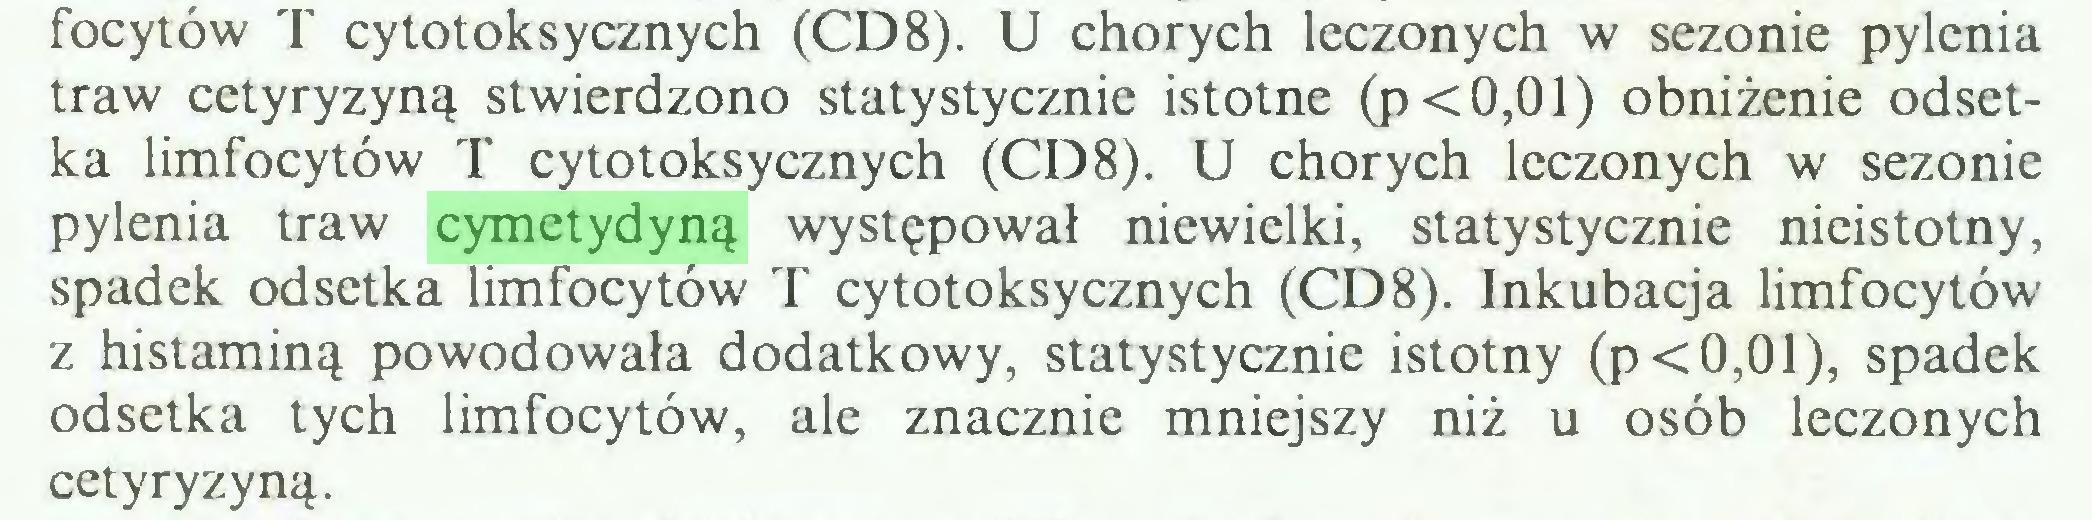 (...) focytów T cytotoksycznych (CD8). U chorych leczonych w sezonie pylenia traw cetyryzyną stwierdzono statystycznie istotne (p<0,01) obniżenie odsetka limfocytów T cytotoksycznych (CD8). U chorych leczonych w sezonie pylenia traw cymetydyną występował niewielki, statystycznie nieistotny, spadek odsetka limfocytów T cytotoksycznych (CD8). Inkubacja limfocytów z histaminą powodowała dodatkowy, statystycznie istotny (p<0,01), spadek odsetka tych limfocytów, ale znacznie mniejszy niż u osób leczonych cetyryzyną...